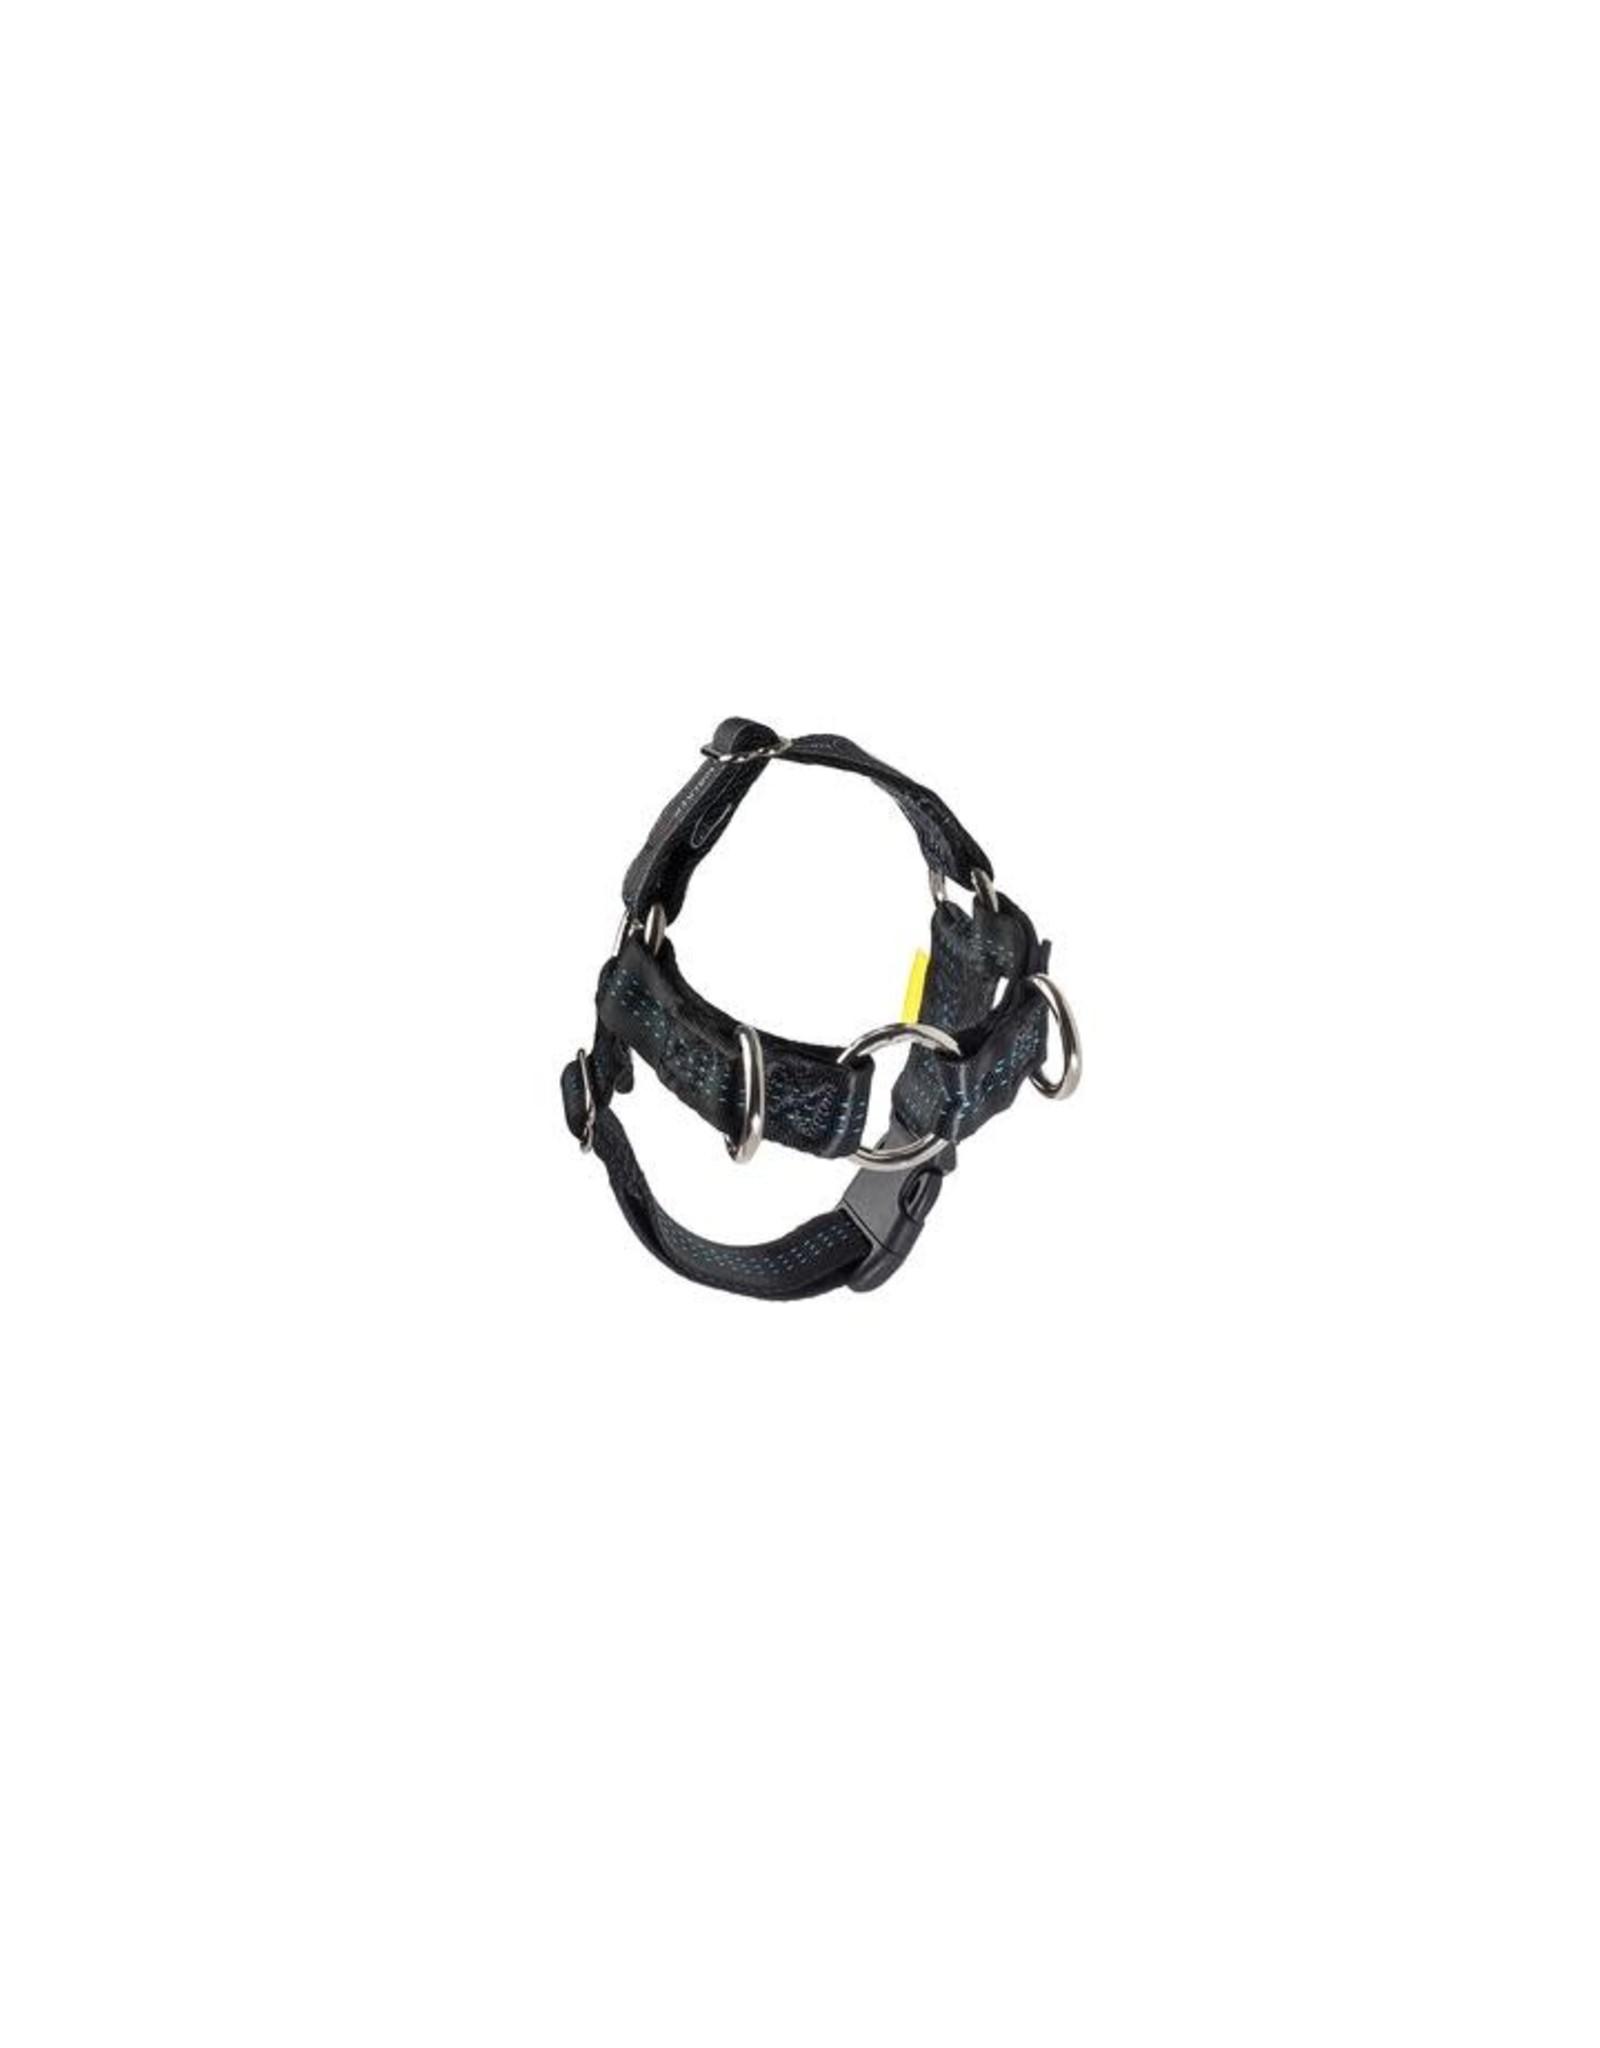 JWalker JWalker Harness - Black - XS